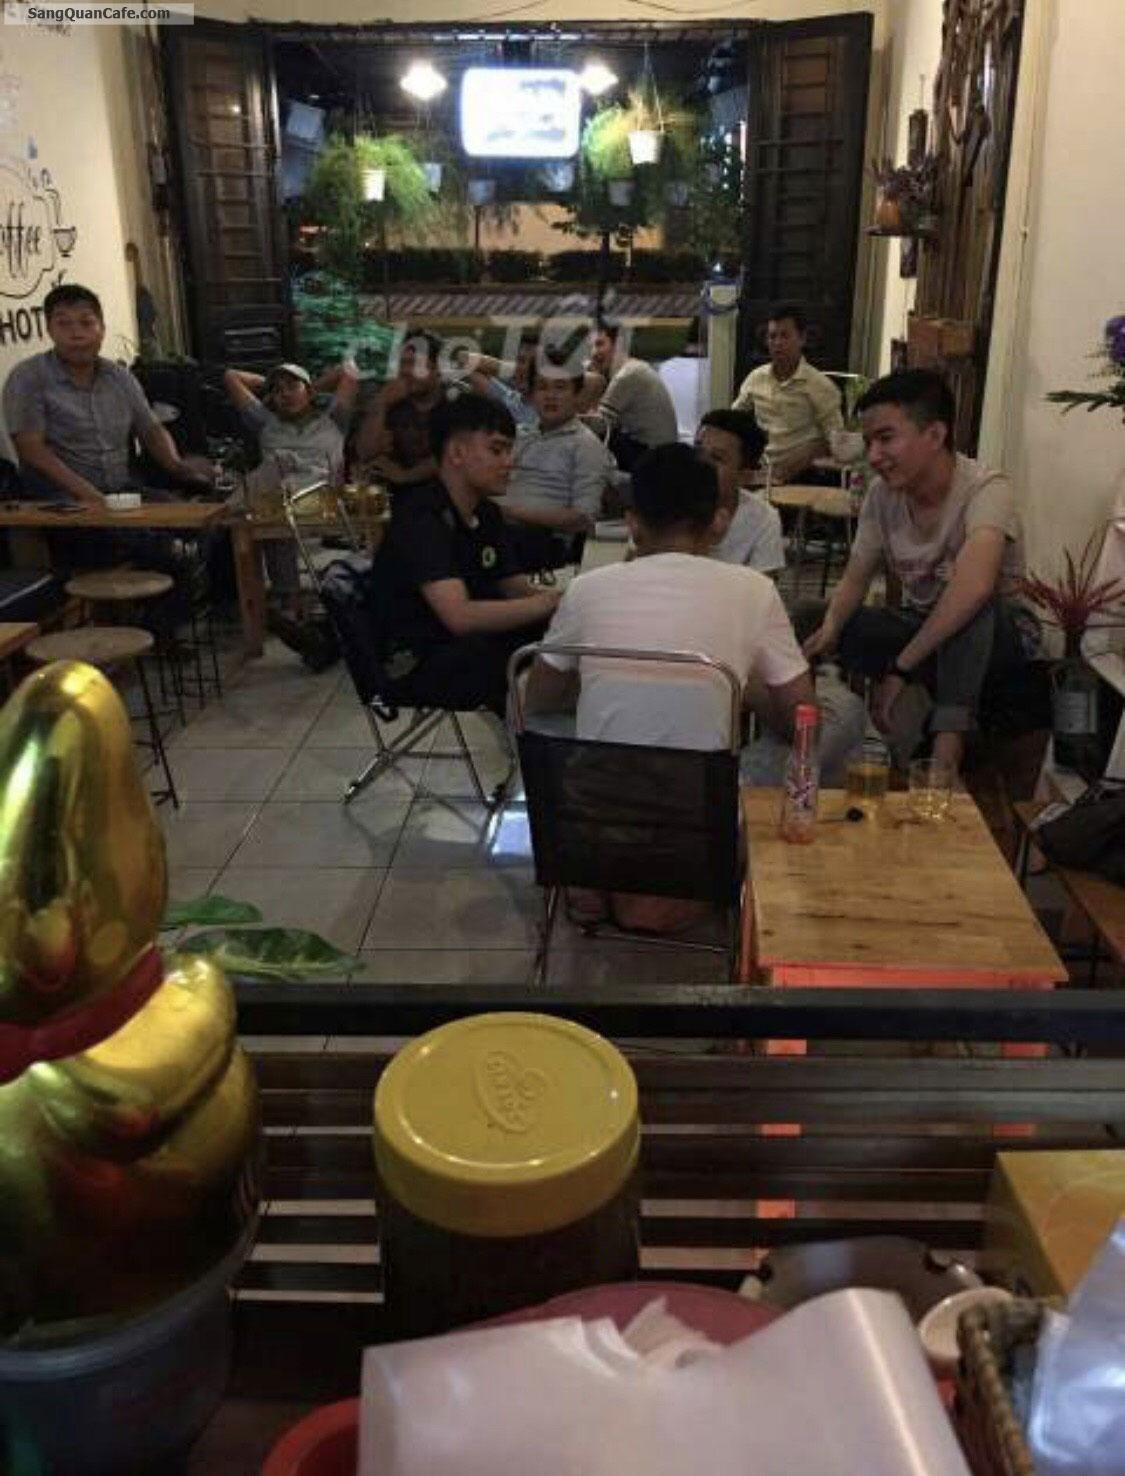 Sang quán cafe mặt tiền